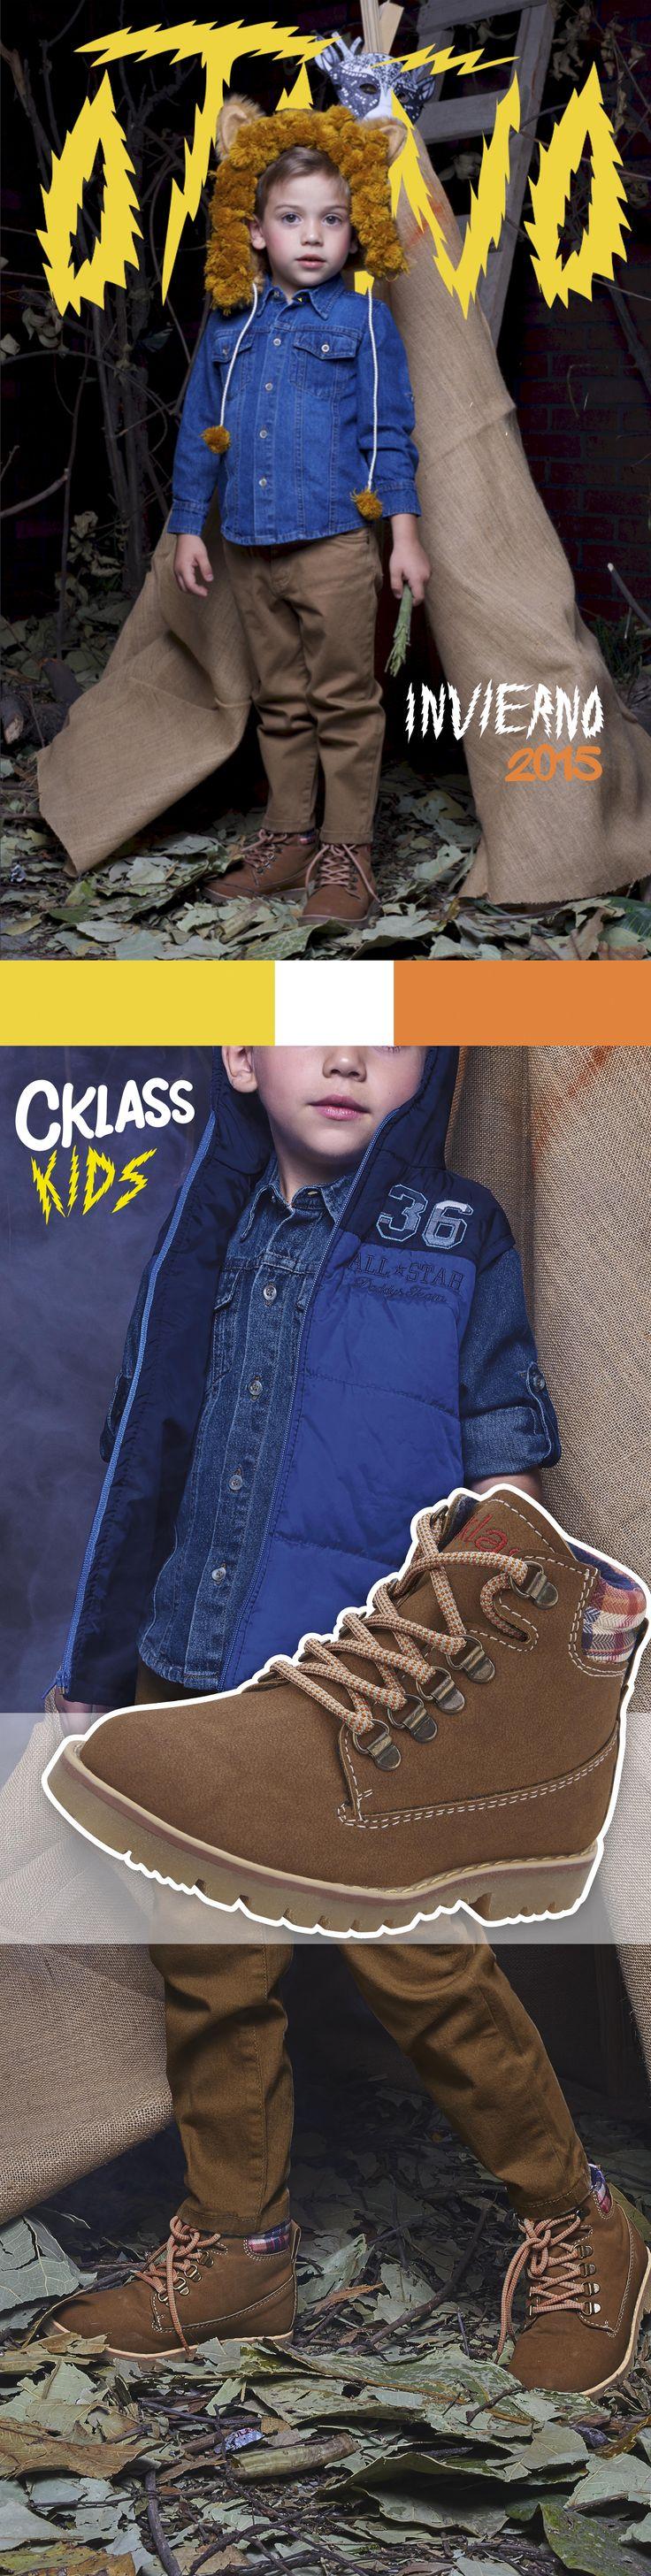 Esta temporada encuentra lo mejor de la moda infantil  de #Cklass para esos pequeños a los que les encantan las aventuras, pues no puede faltar en su armario una camisa de denim y botas de cordones con la que estará cómodo y listo para sus aventuras.